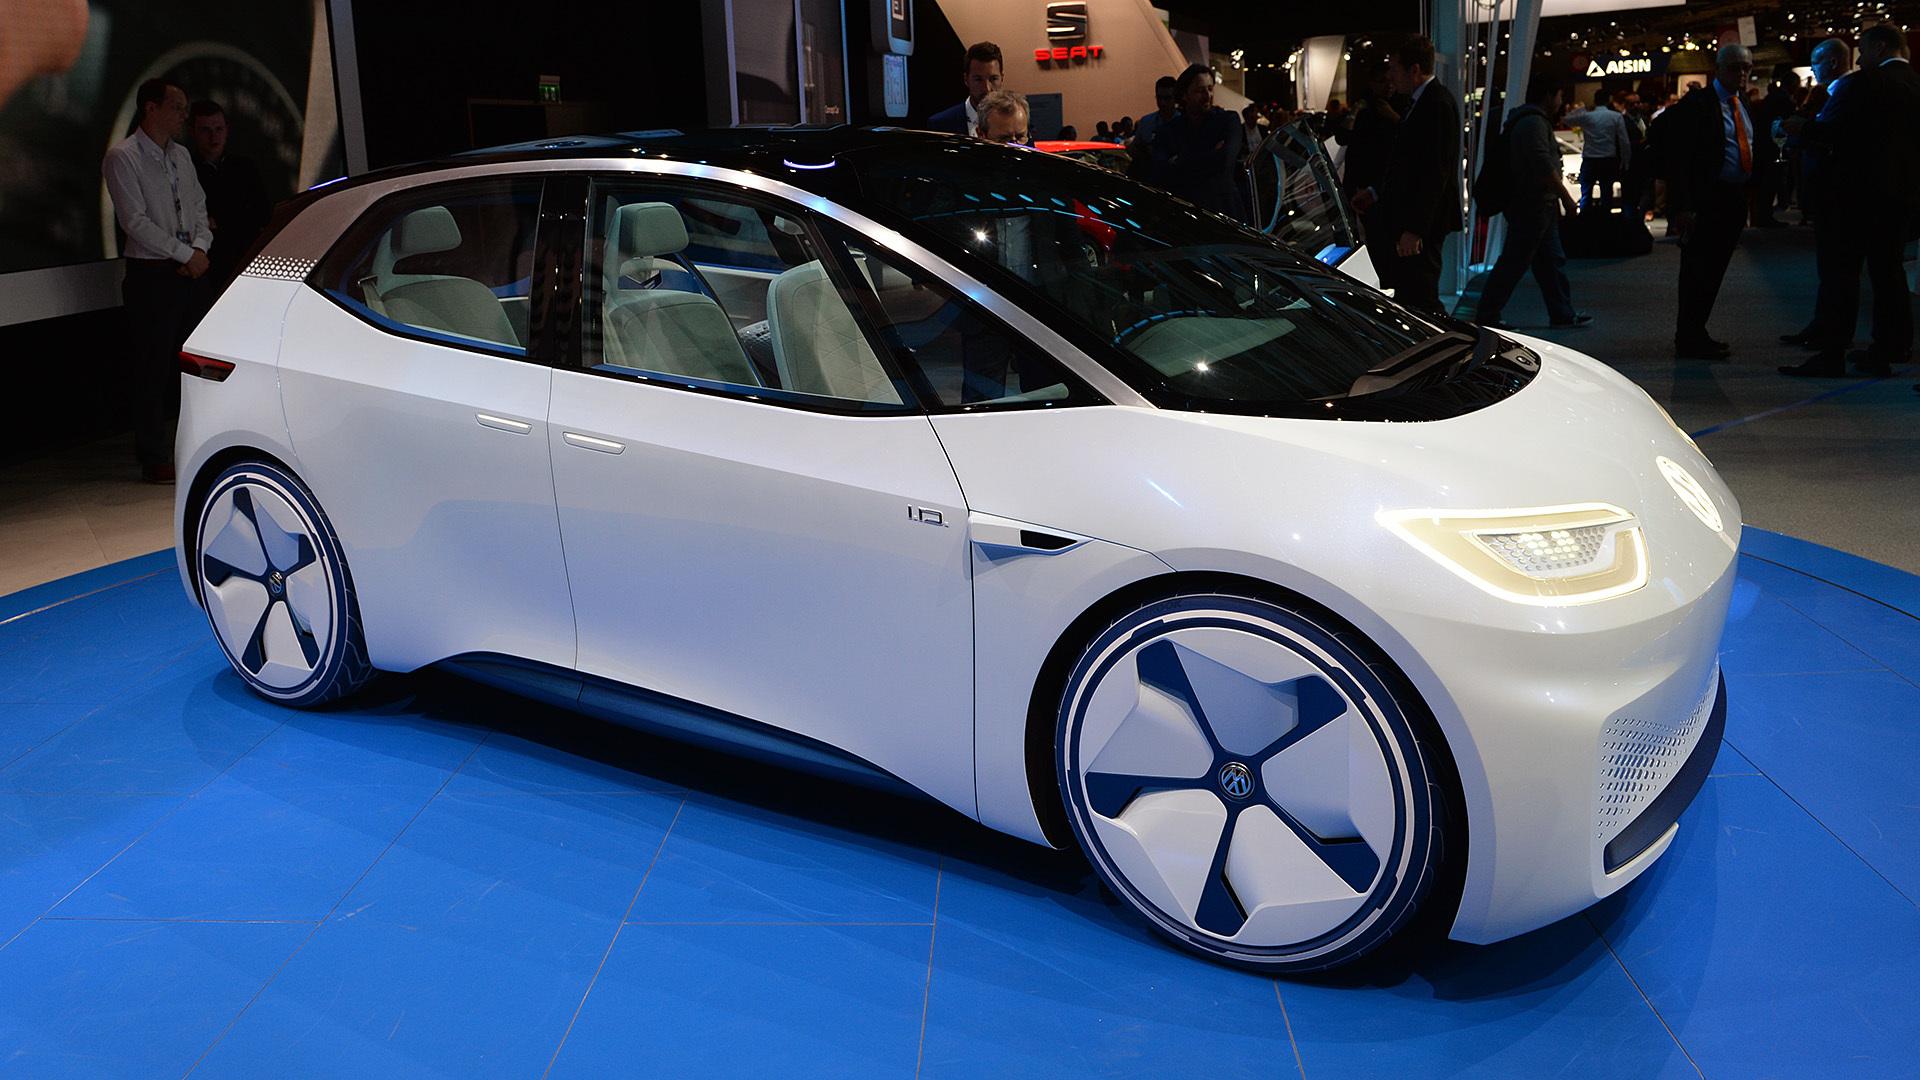 フォルクスワーゲンの新型電気自動車「I.D.」は、テスラの「モデル3」より安くなる!